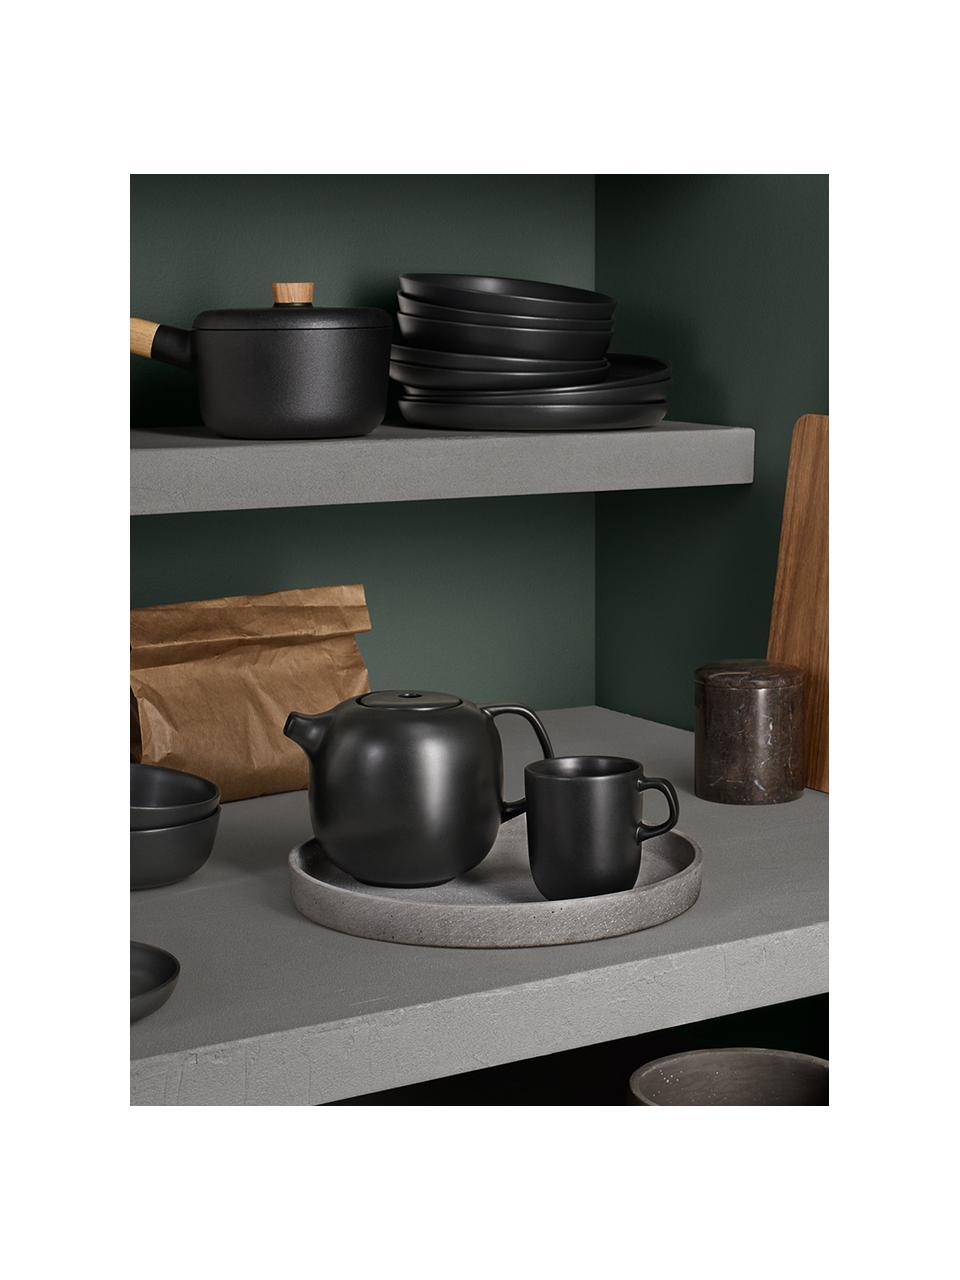 Talerz śniadaniowy Nordic Kitchen, 4 szt., Kamionka, Czarny, matowy, Ø 21 cm